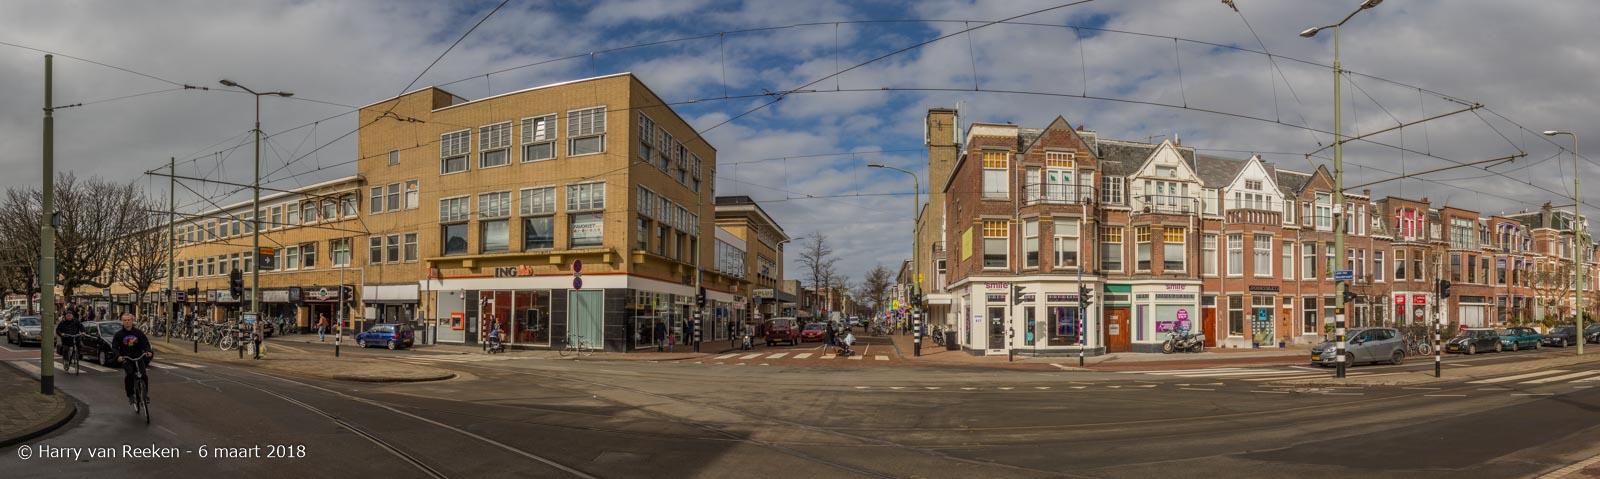 Laan van Meerdervoort-Fahrenheitstraat-wk12-03-Pano